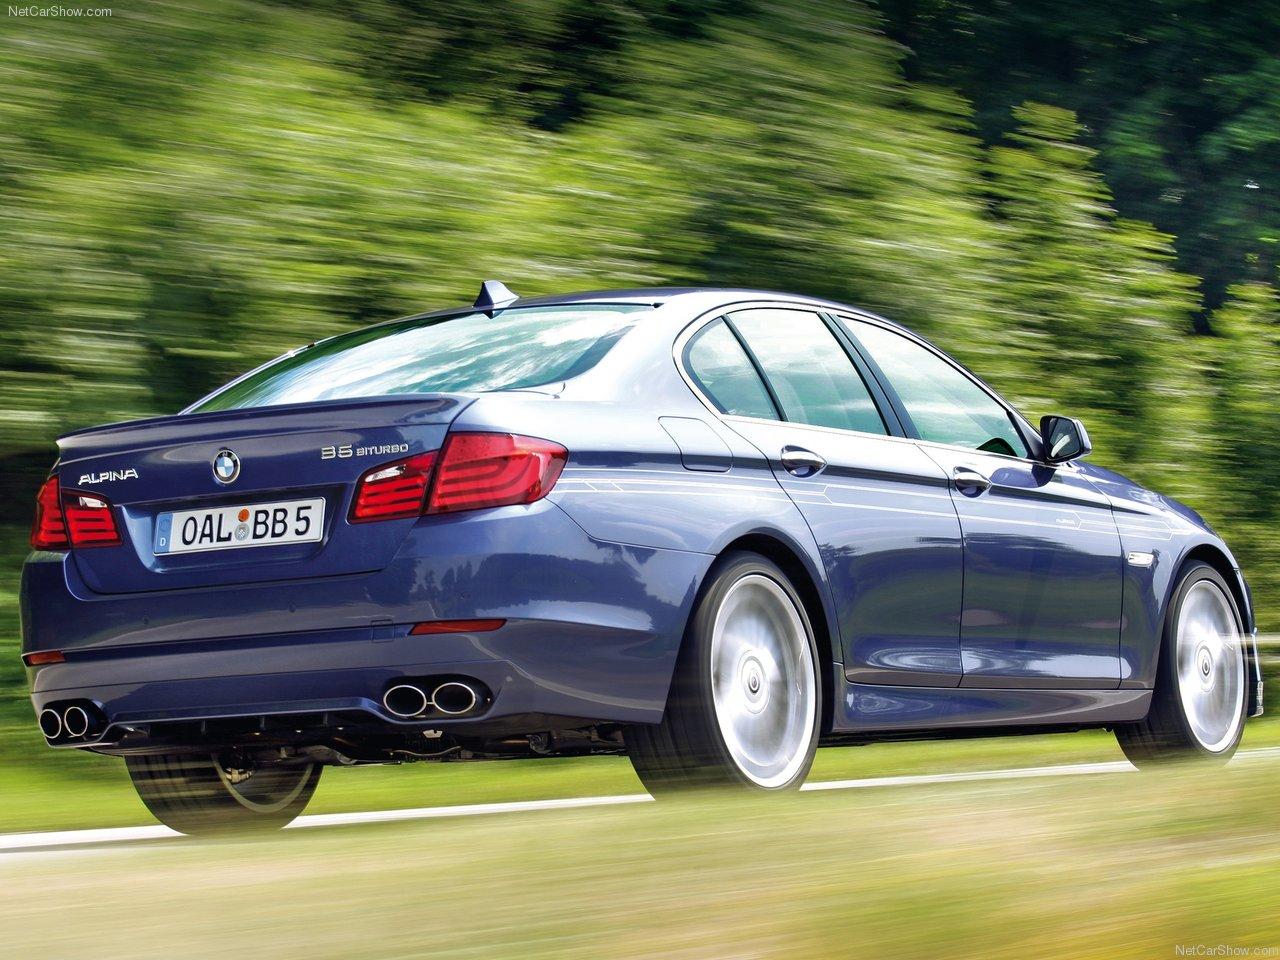 Alpina BMW B5 BiTurbo 2011 &Alpina-BMW_B5_Bi-Turbo-2011-1280-07